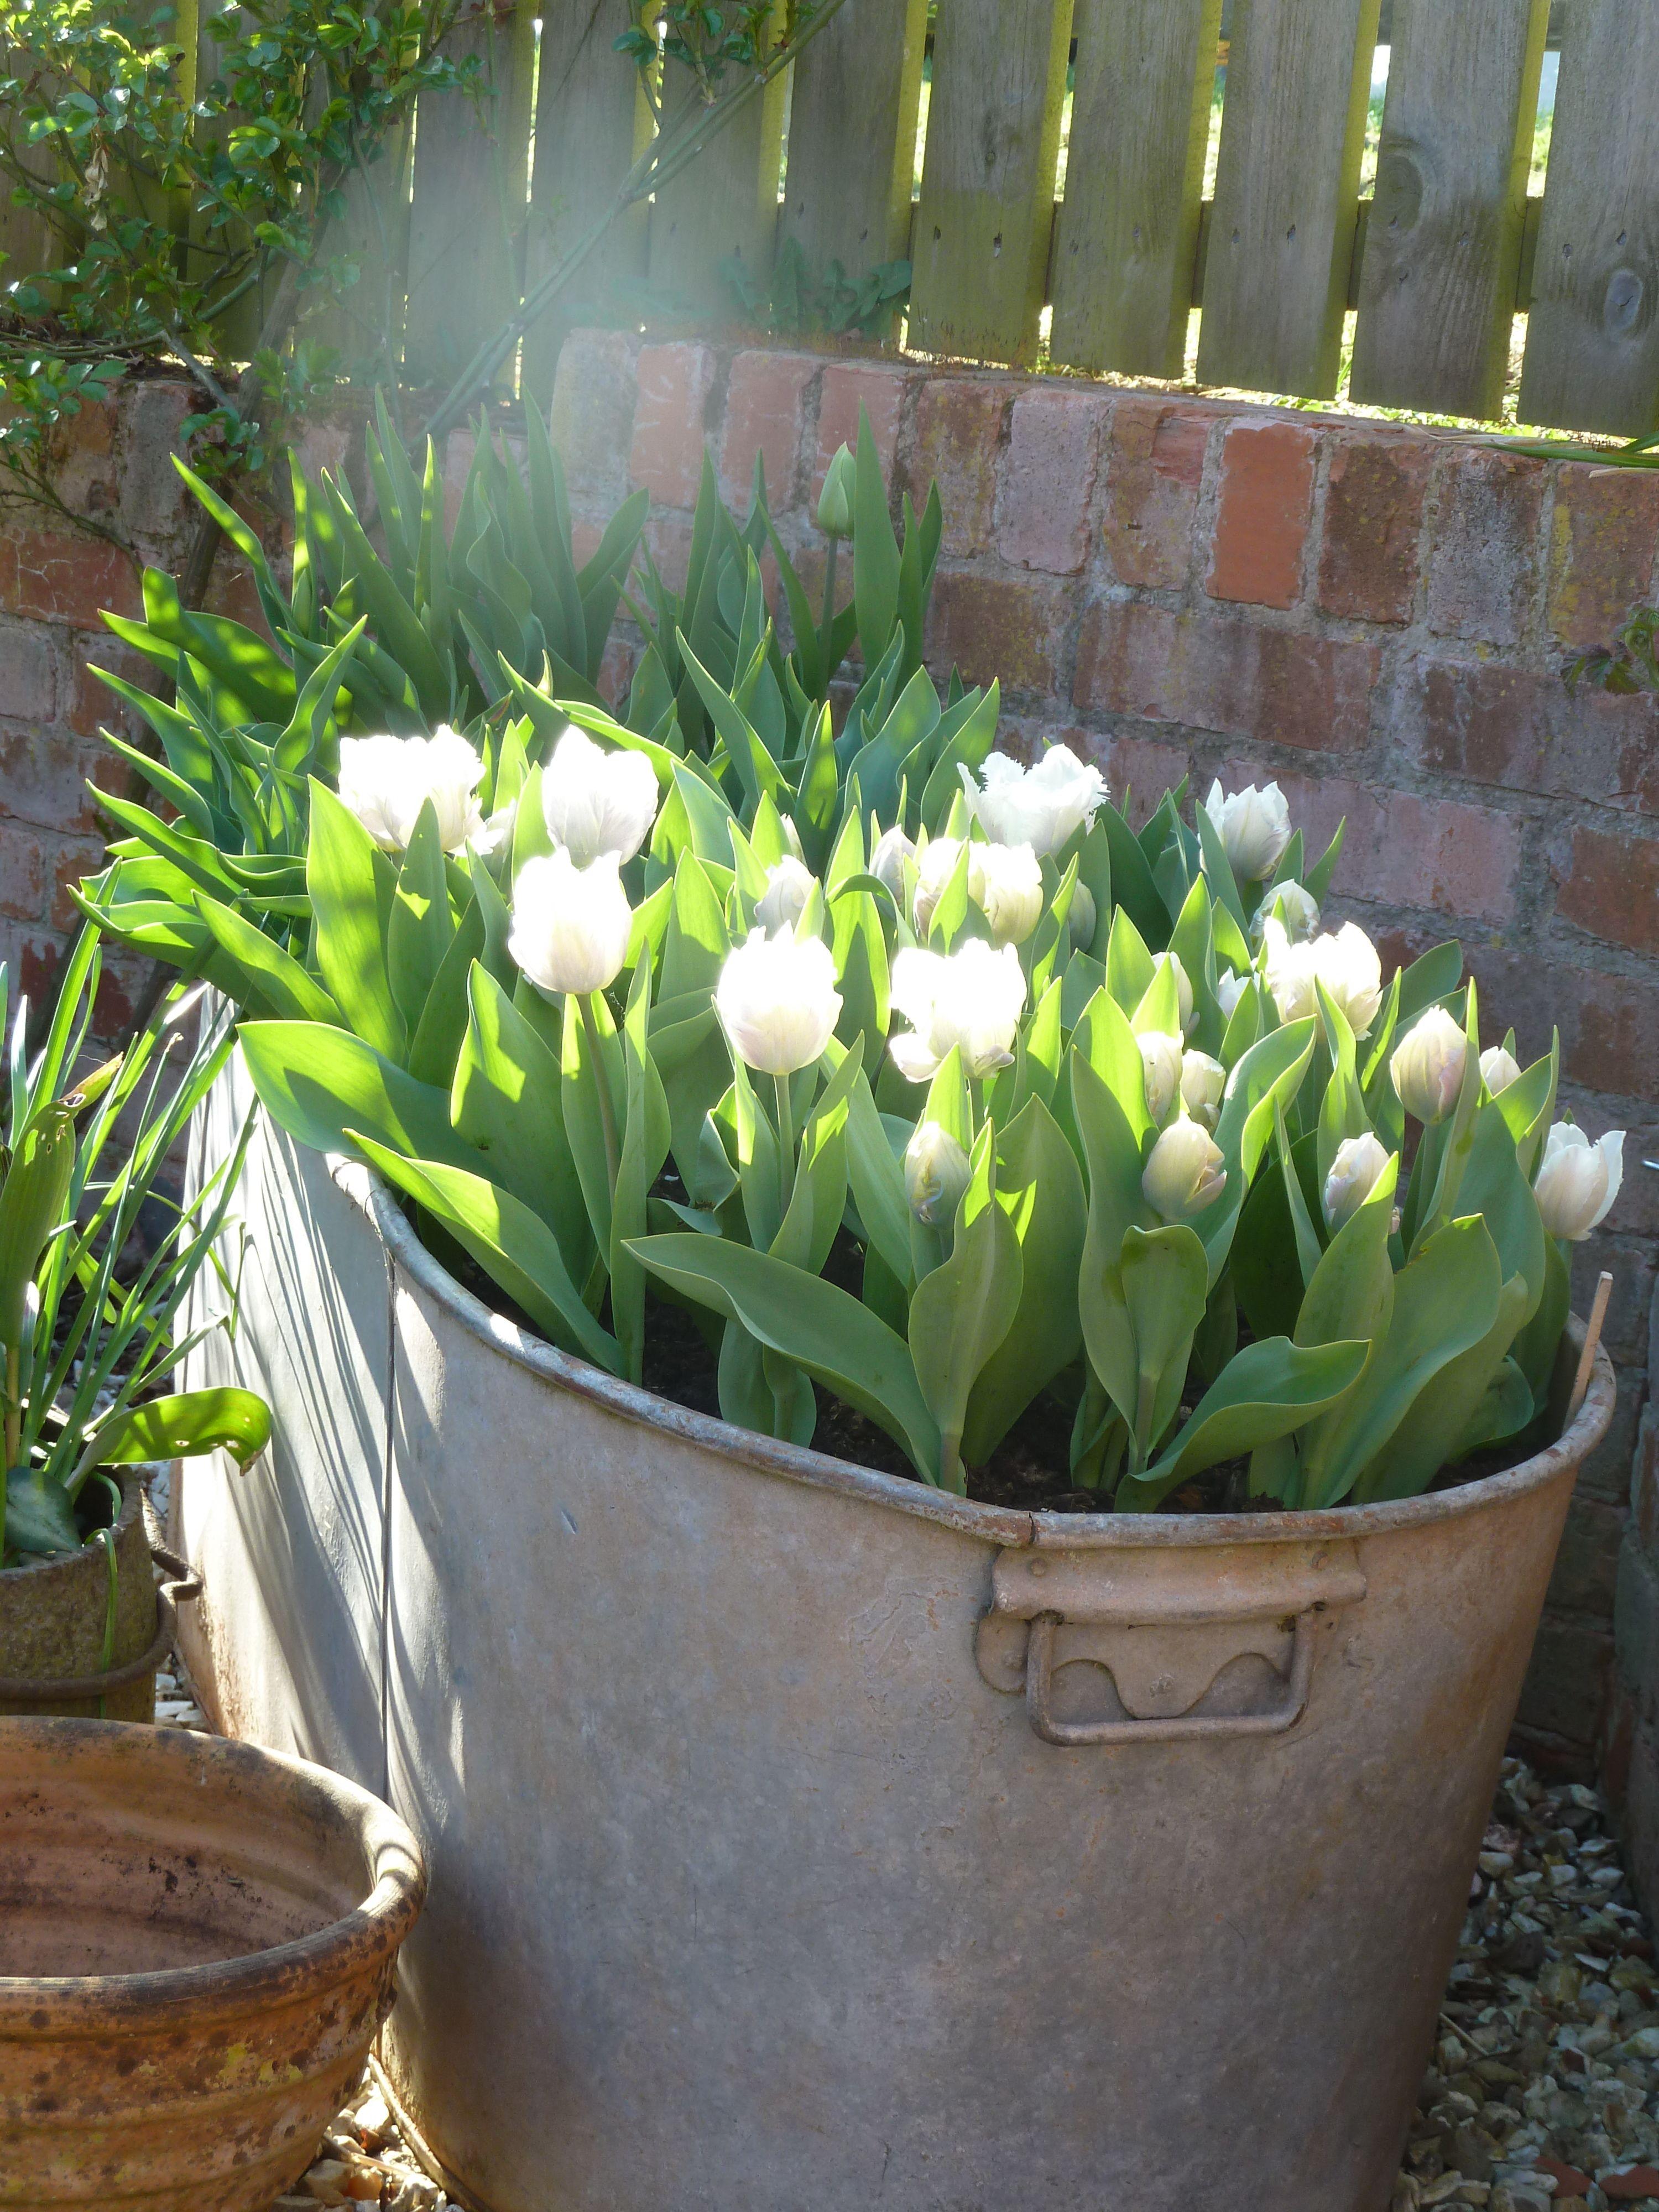 id 233 es de d 233 coration printani 232 re pour votre maison avec des tulipes jardins planters et printemps